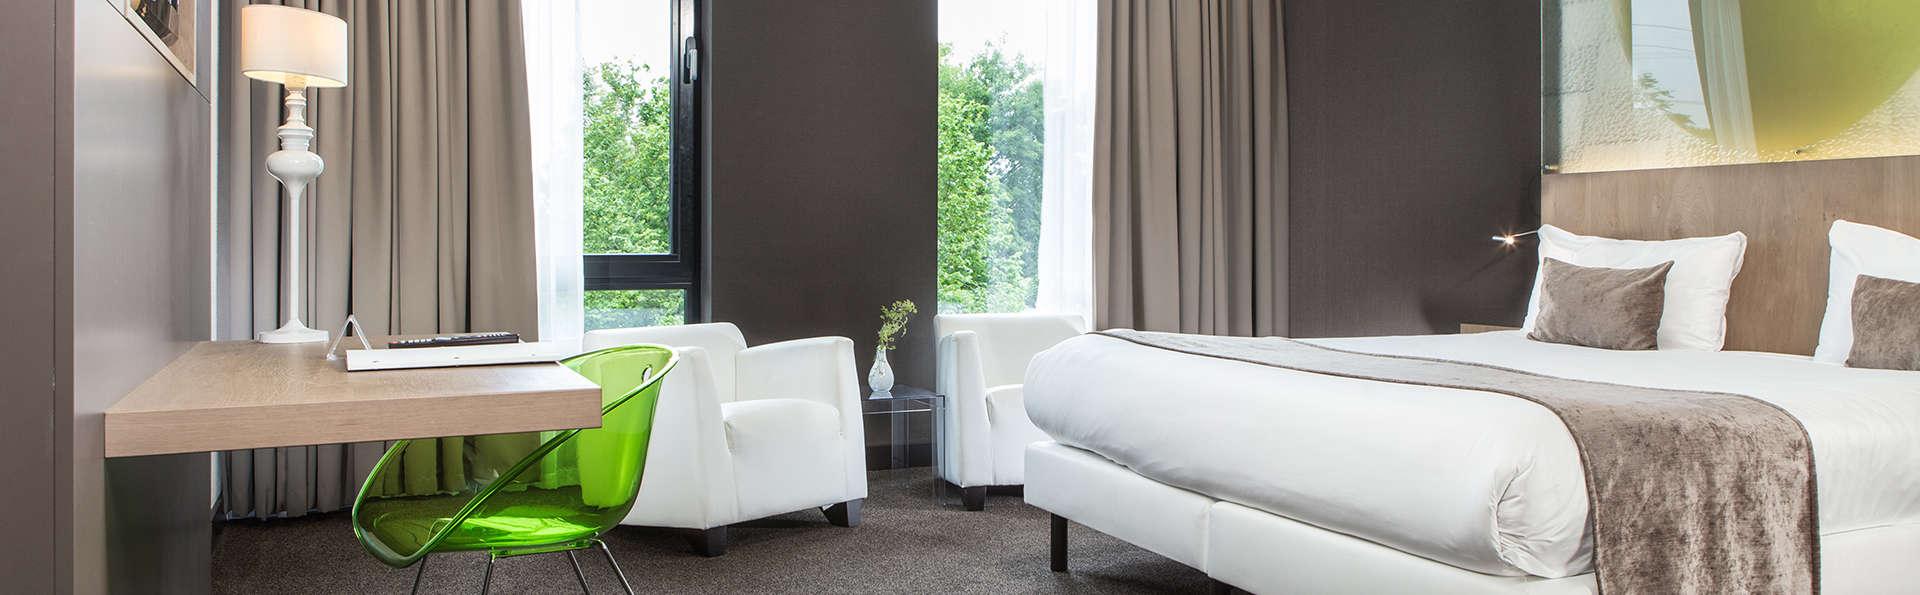 Van der Valk Hotel Breukelen - EDIT_deluxeroom.jpg